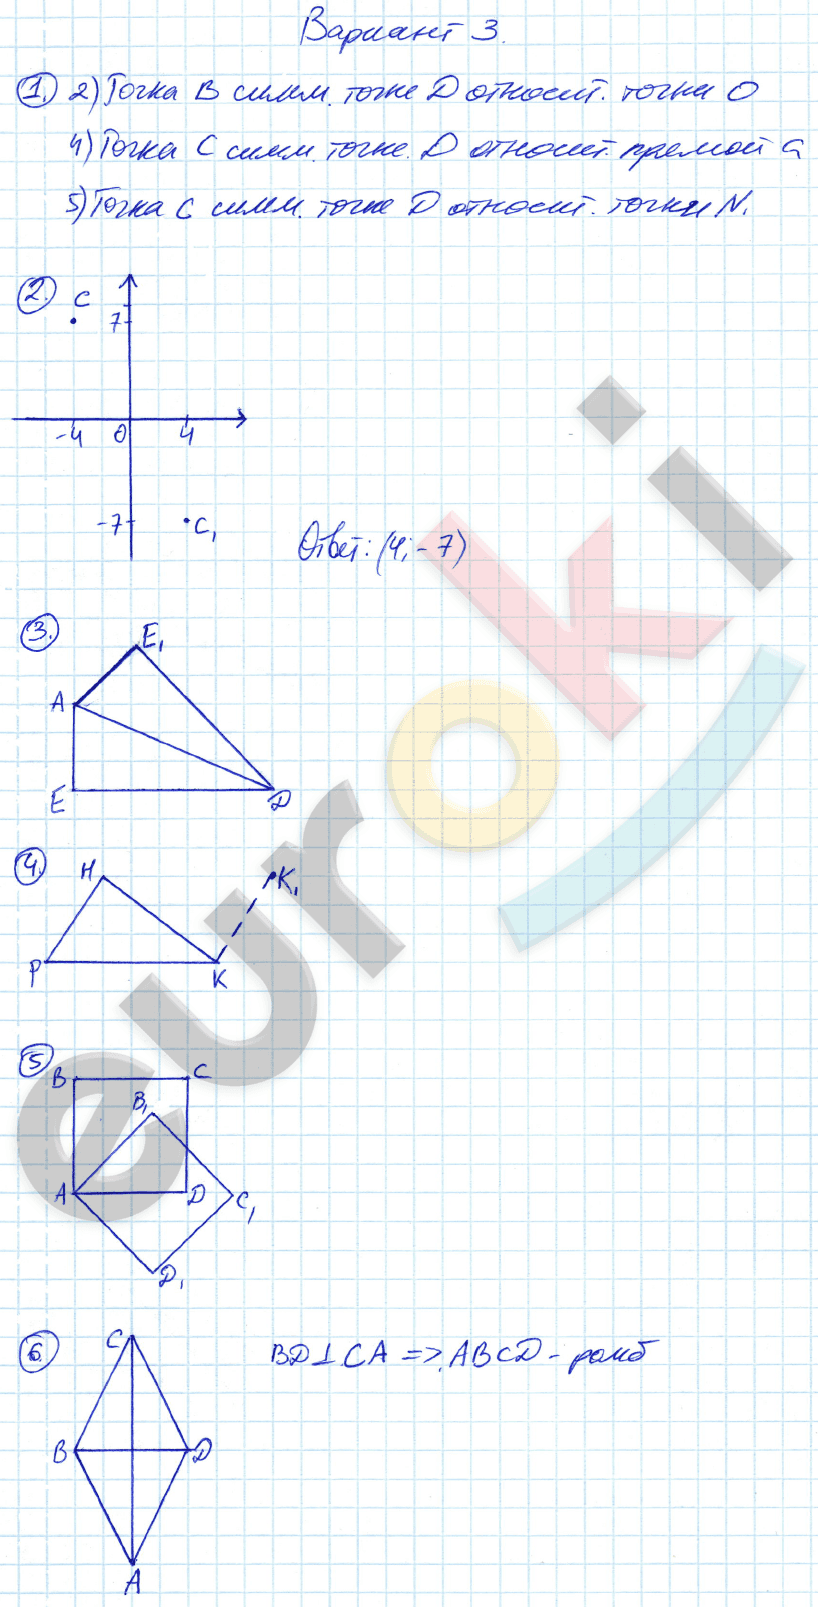 ГДЗ по геометрии 9 класс контрольные работы Мельникова КР-4. Движения. Задание: Вариант 3